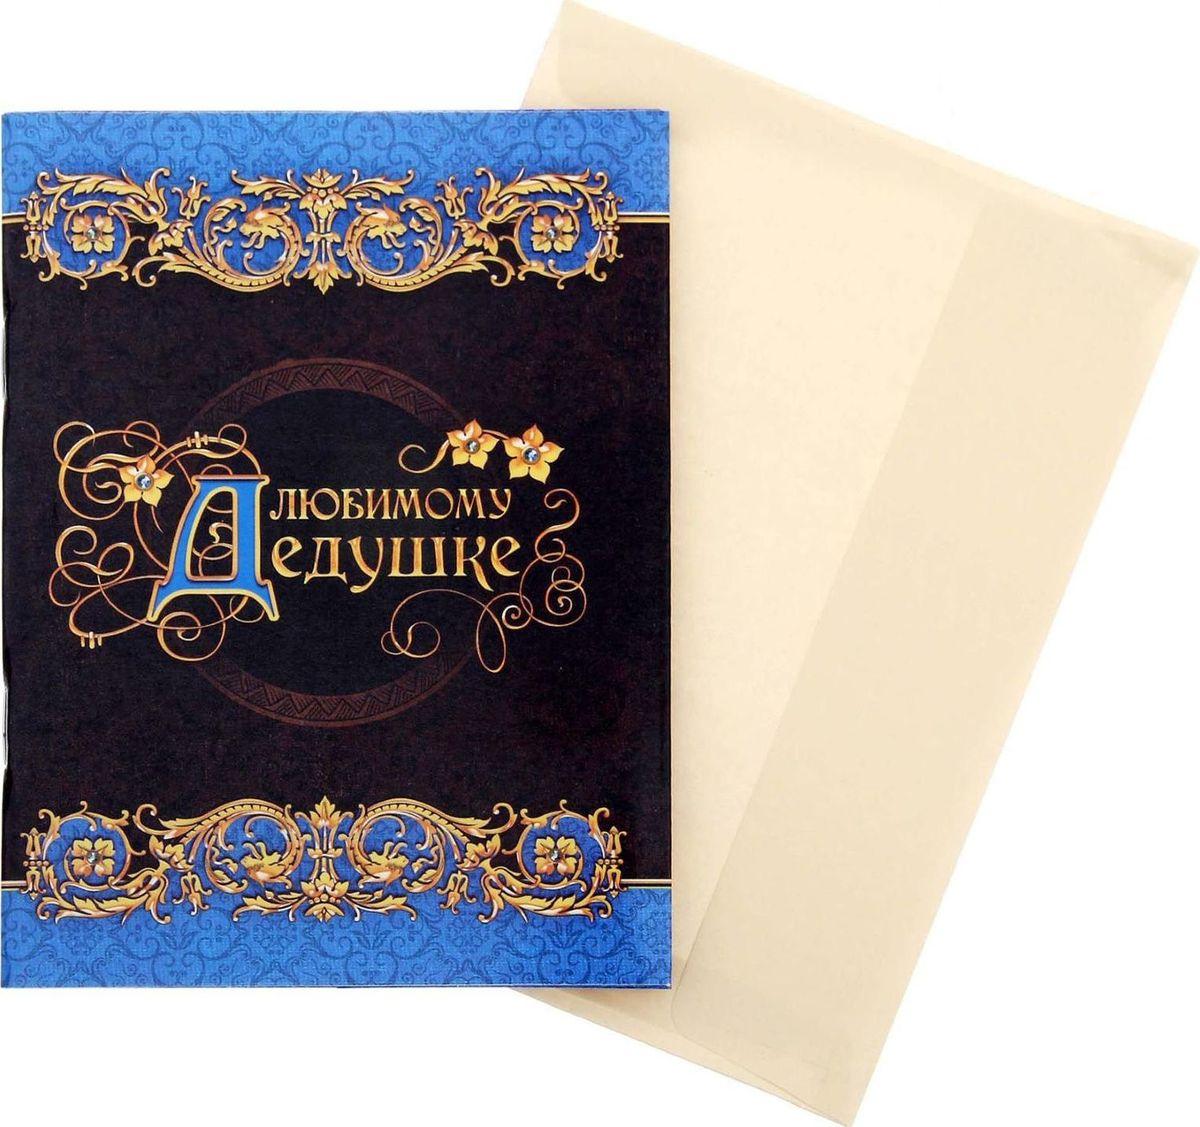 Блокнот-открытка Любимому дедушке 32 листа1104985Блокнот-открытка Любимому дедушке, 32 листа сочетает в себе красоту и практичность. Он содержит приятные пожелания от близких людей, а 32 дизайнерских листа с бархатной фактурой подарят отличное настроение владельцу. В отличие от обычной открытки, которая будет пылиться в шкафу, блокнотом приятно пользоваться! Изделие дополнено универсальным конвертом, подпишите его и вручите сувенир адресату на любой праздник.